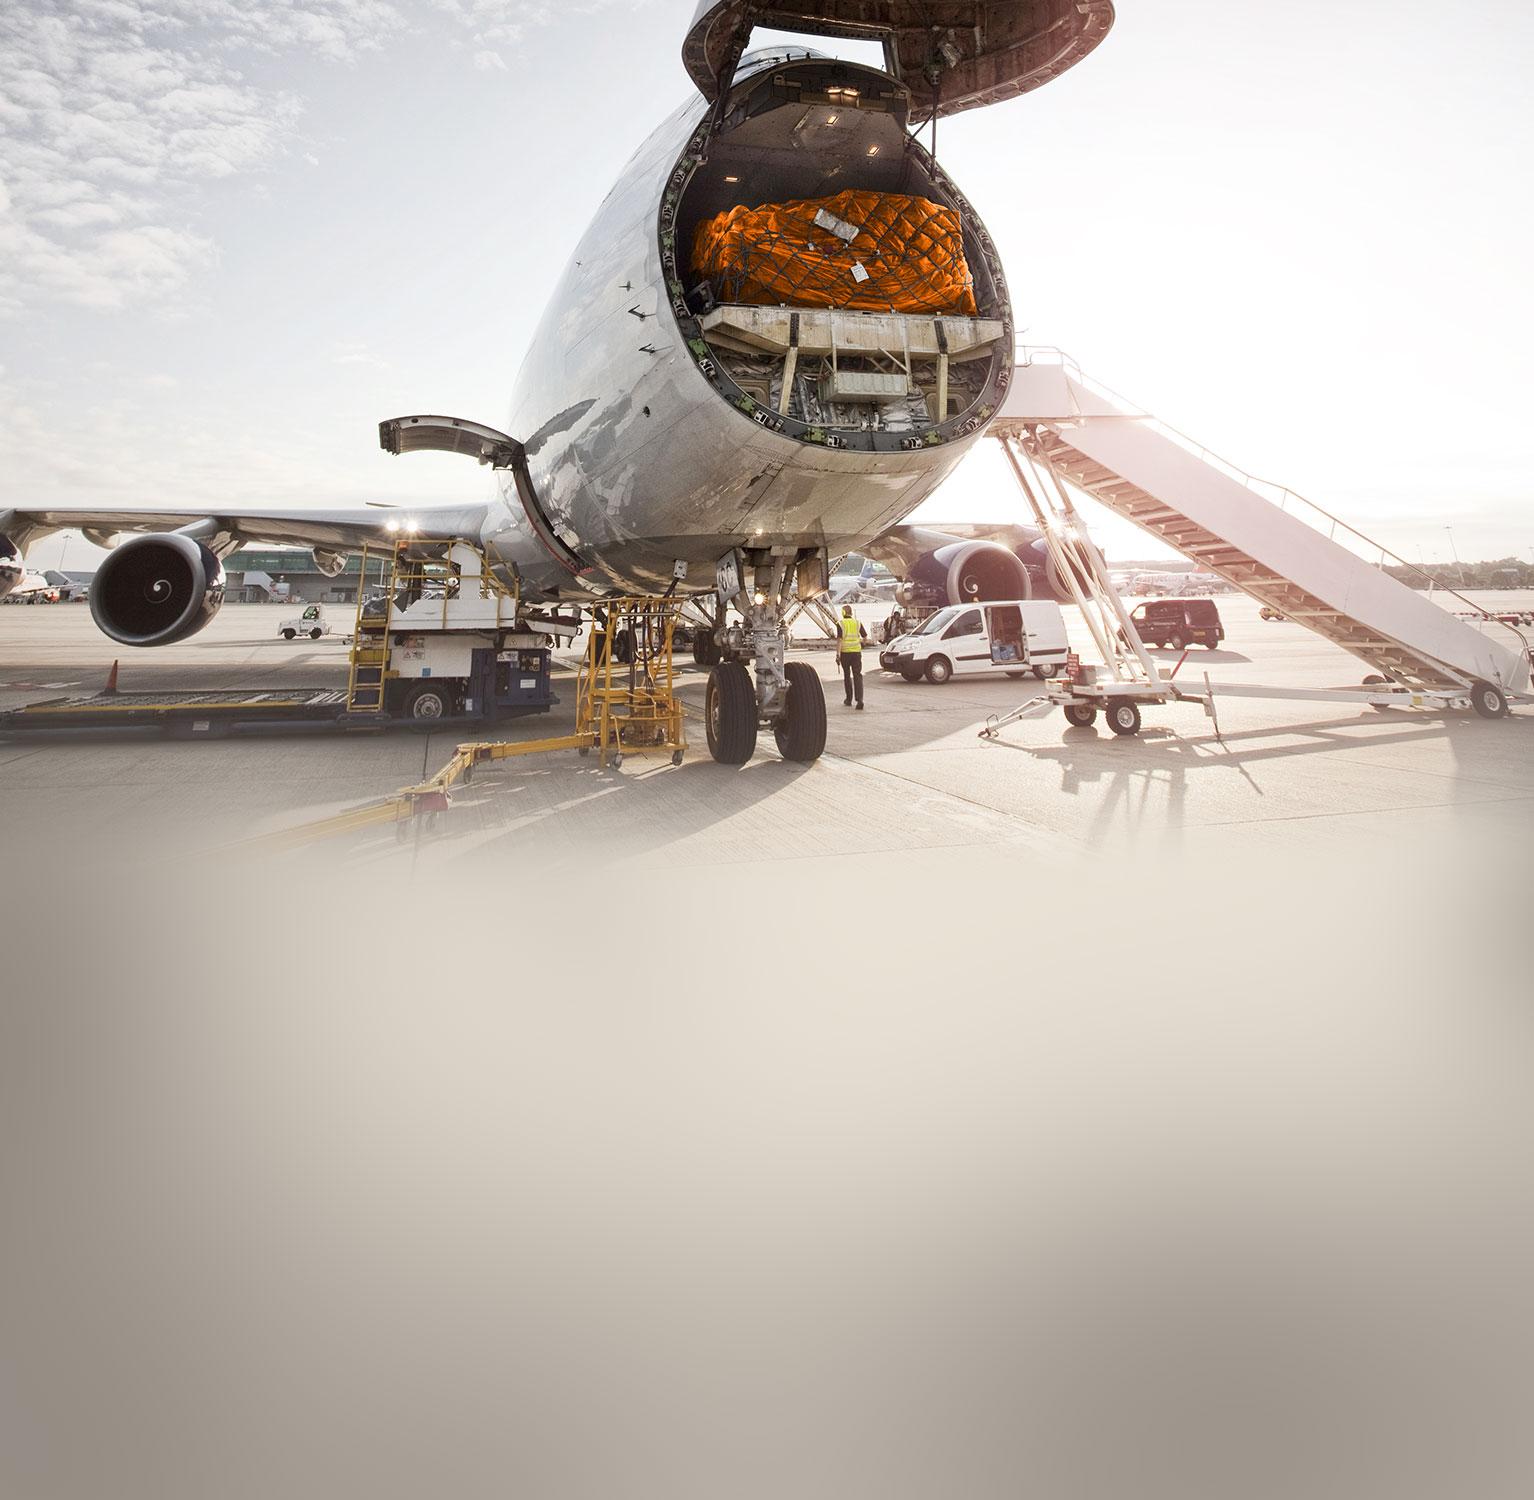 Boeing 747 with the nose cargo door open